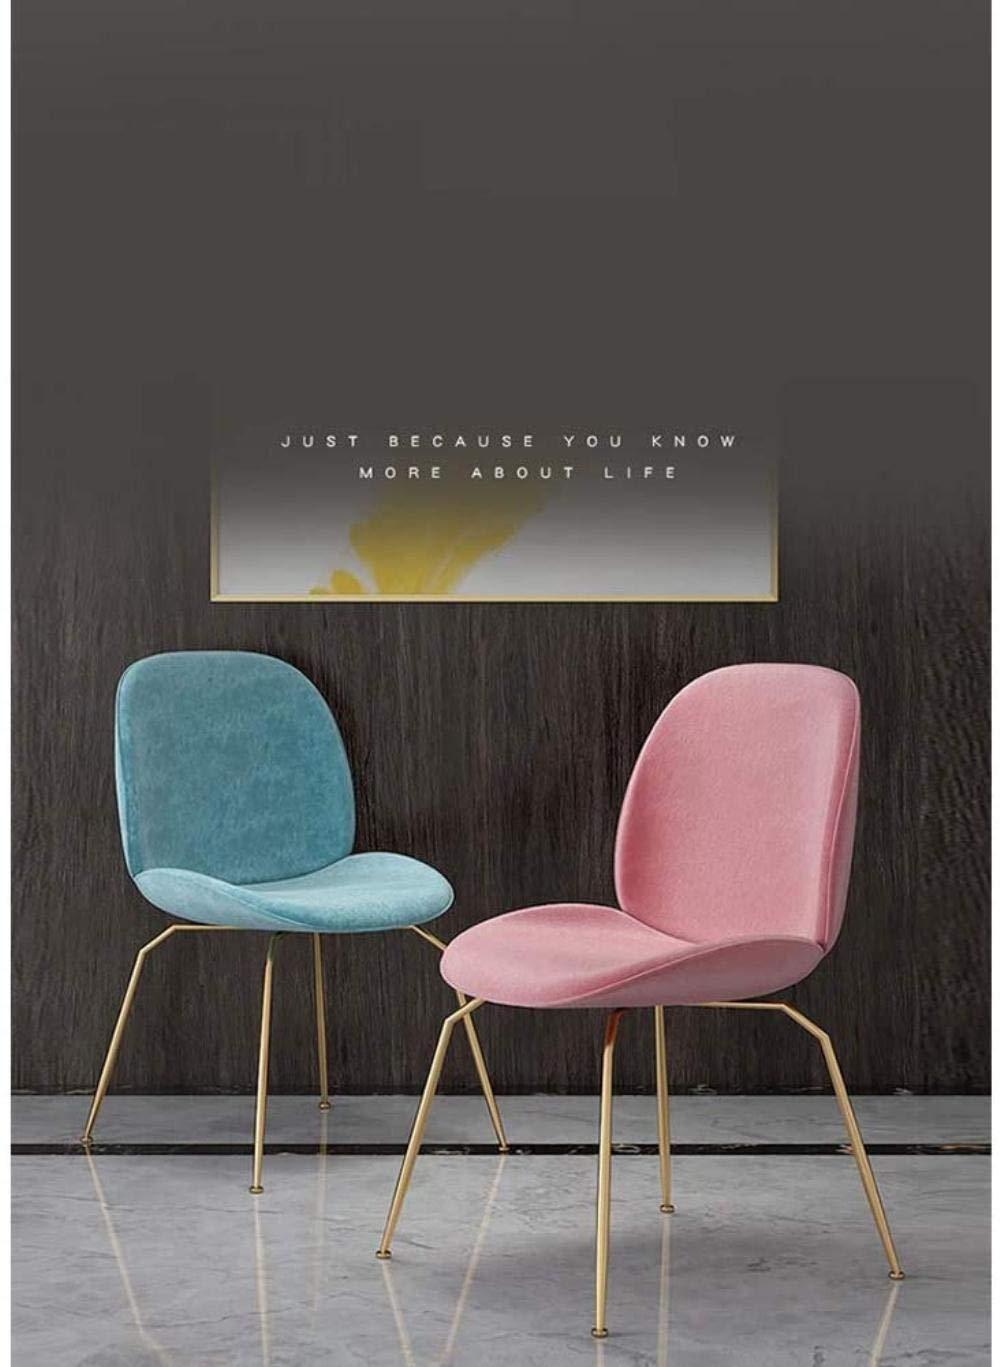 Kontorsstol, metallben vardagsrumstol, köksstolar, fåtölj, sminkstol, ryggstöd armstöd knästol (färg: Rosa) Himmelsblå